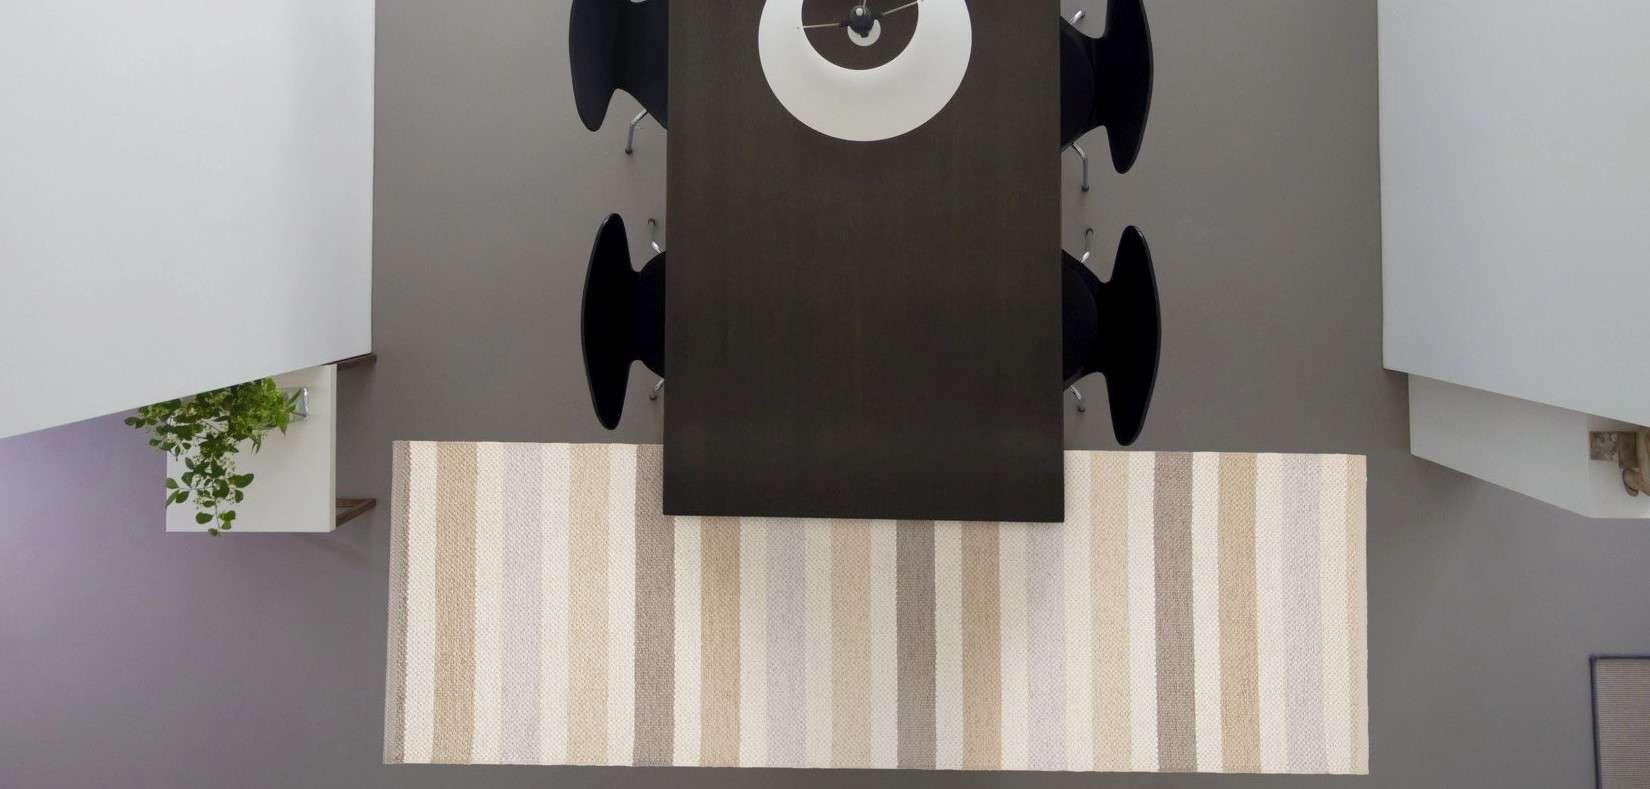 Tappeti Swedy: design scandinavo e cuore italiano